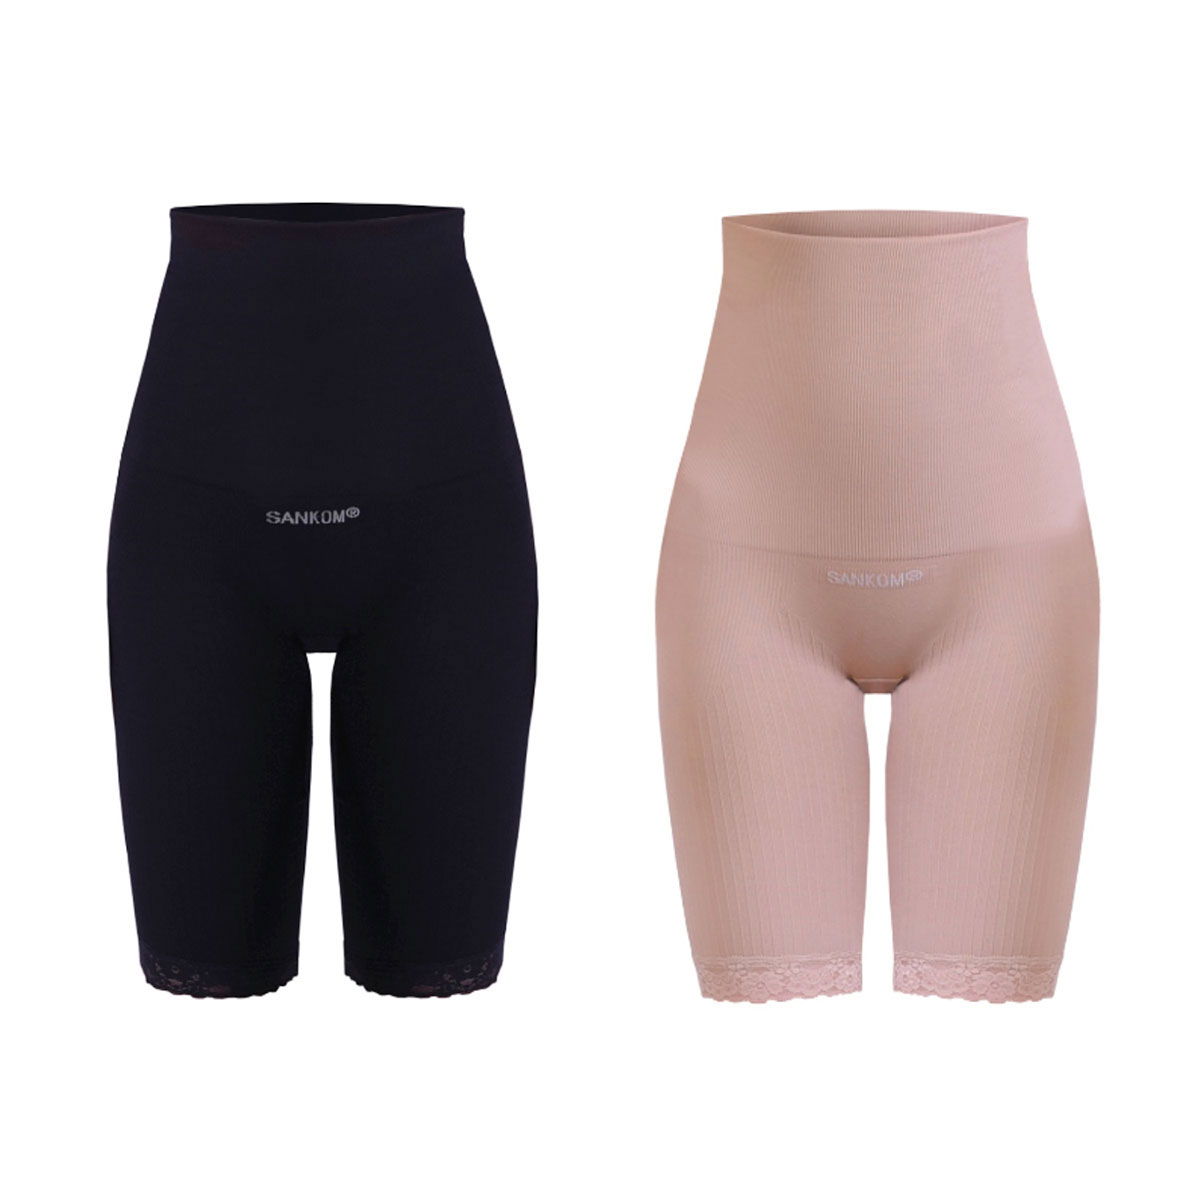 SANKOM Patent Shaper Women Size XXL #054 Black slimming posture